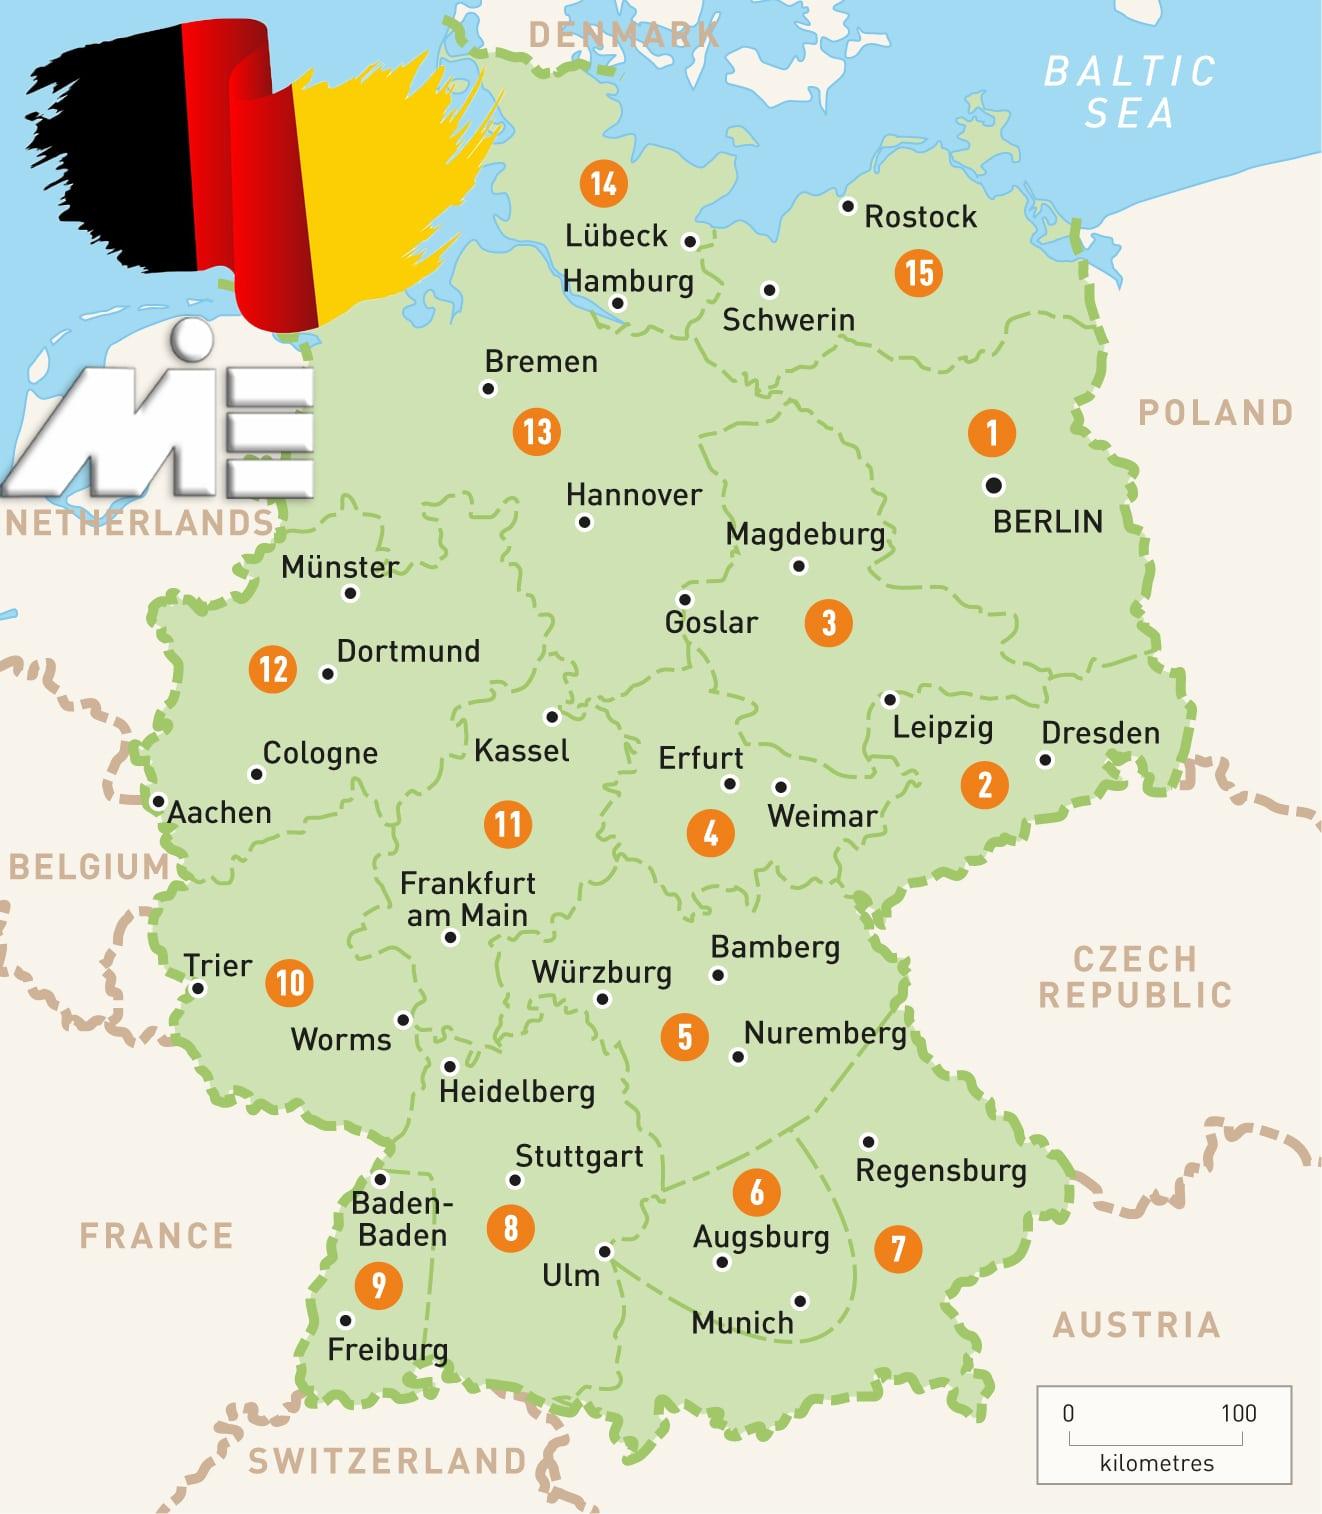 نقشه آلمان - مهاجرت به آلمان - آلمان کجاست؟ - اقامت آلمان - کار در آلمان